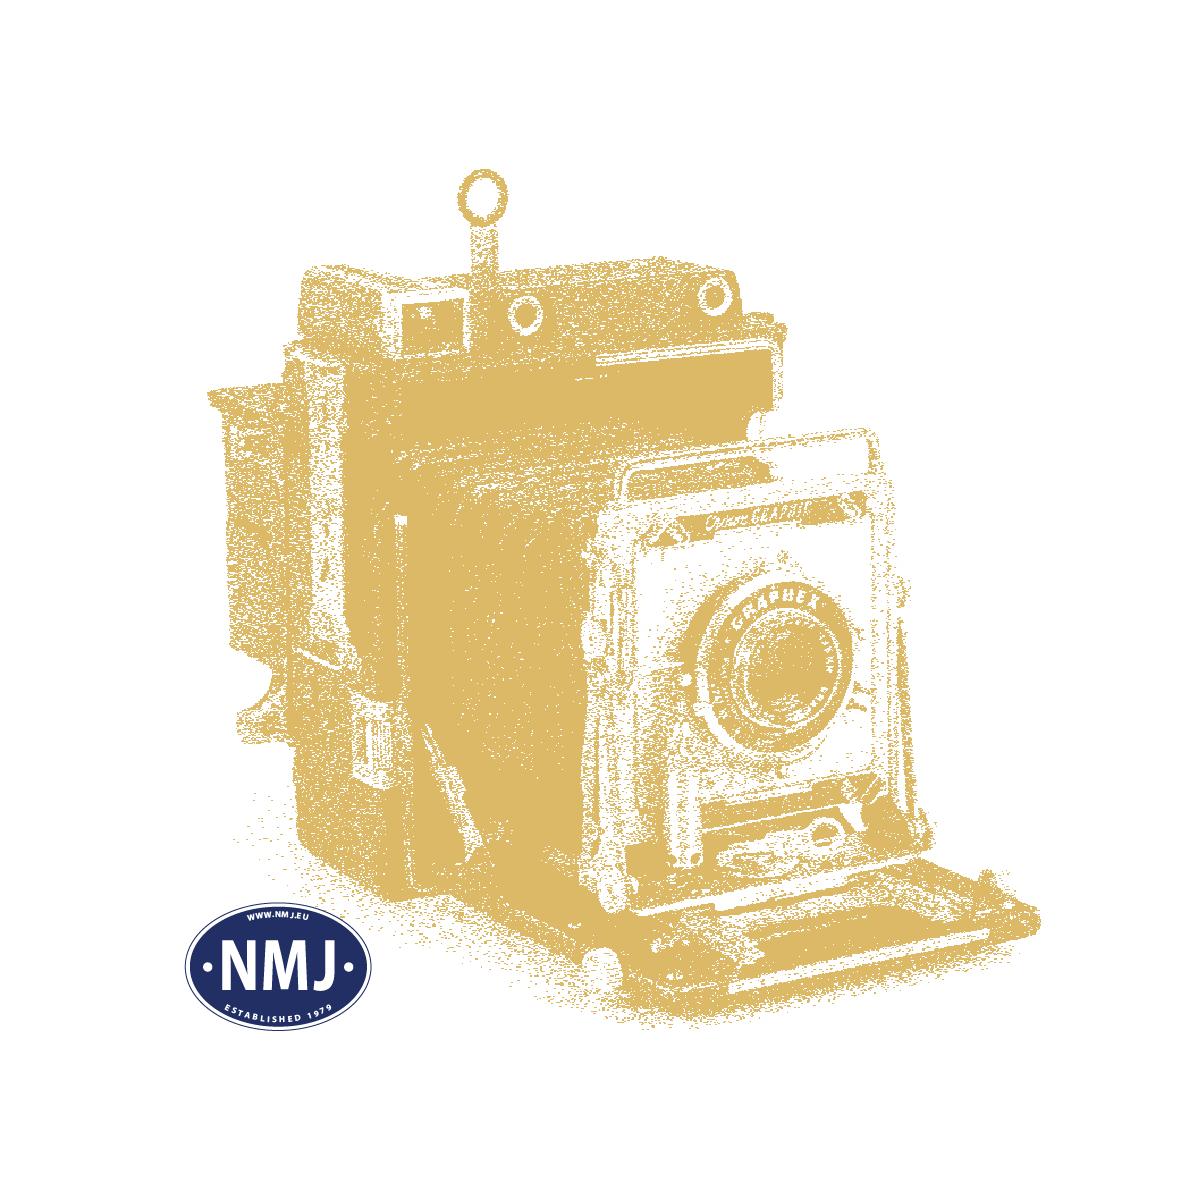 NMJT1042.01 - NMJ Topline NSB AB11K 24120 Mellomdesign